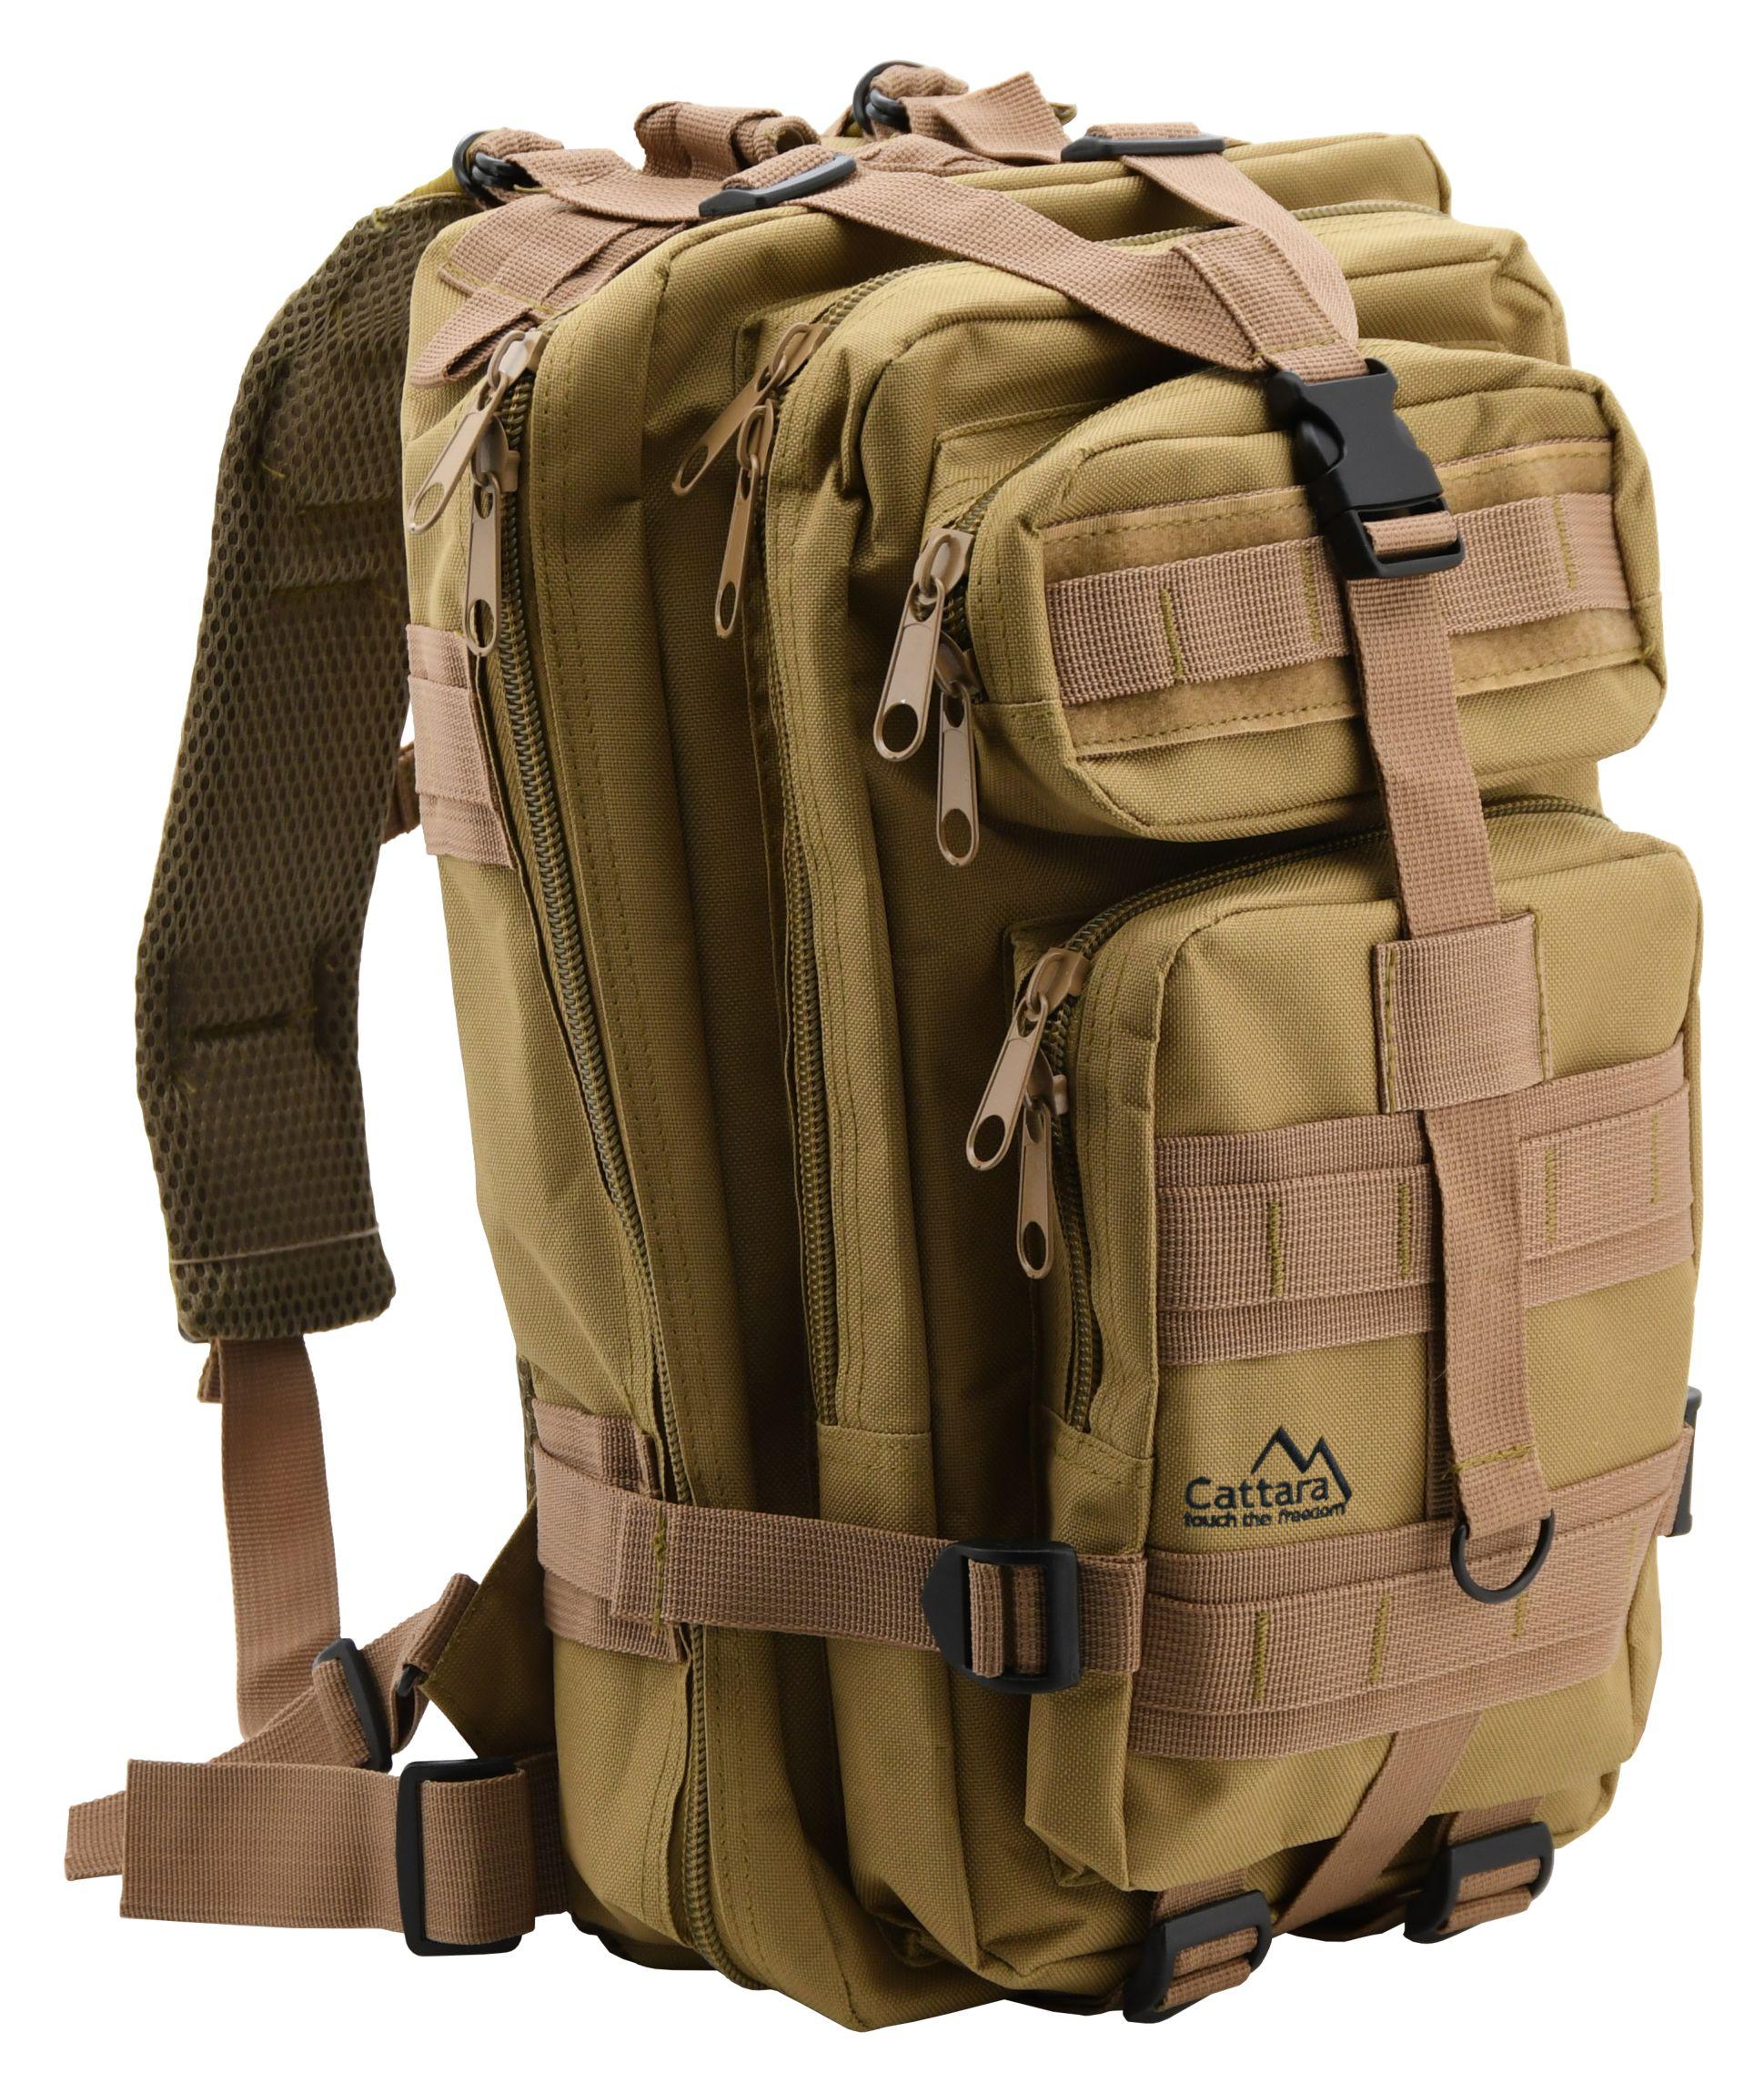 Outdoorové vybavení: Jak vybrat batoh na dlouhé treky i krátké cesty